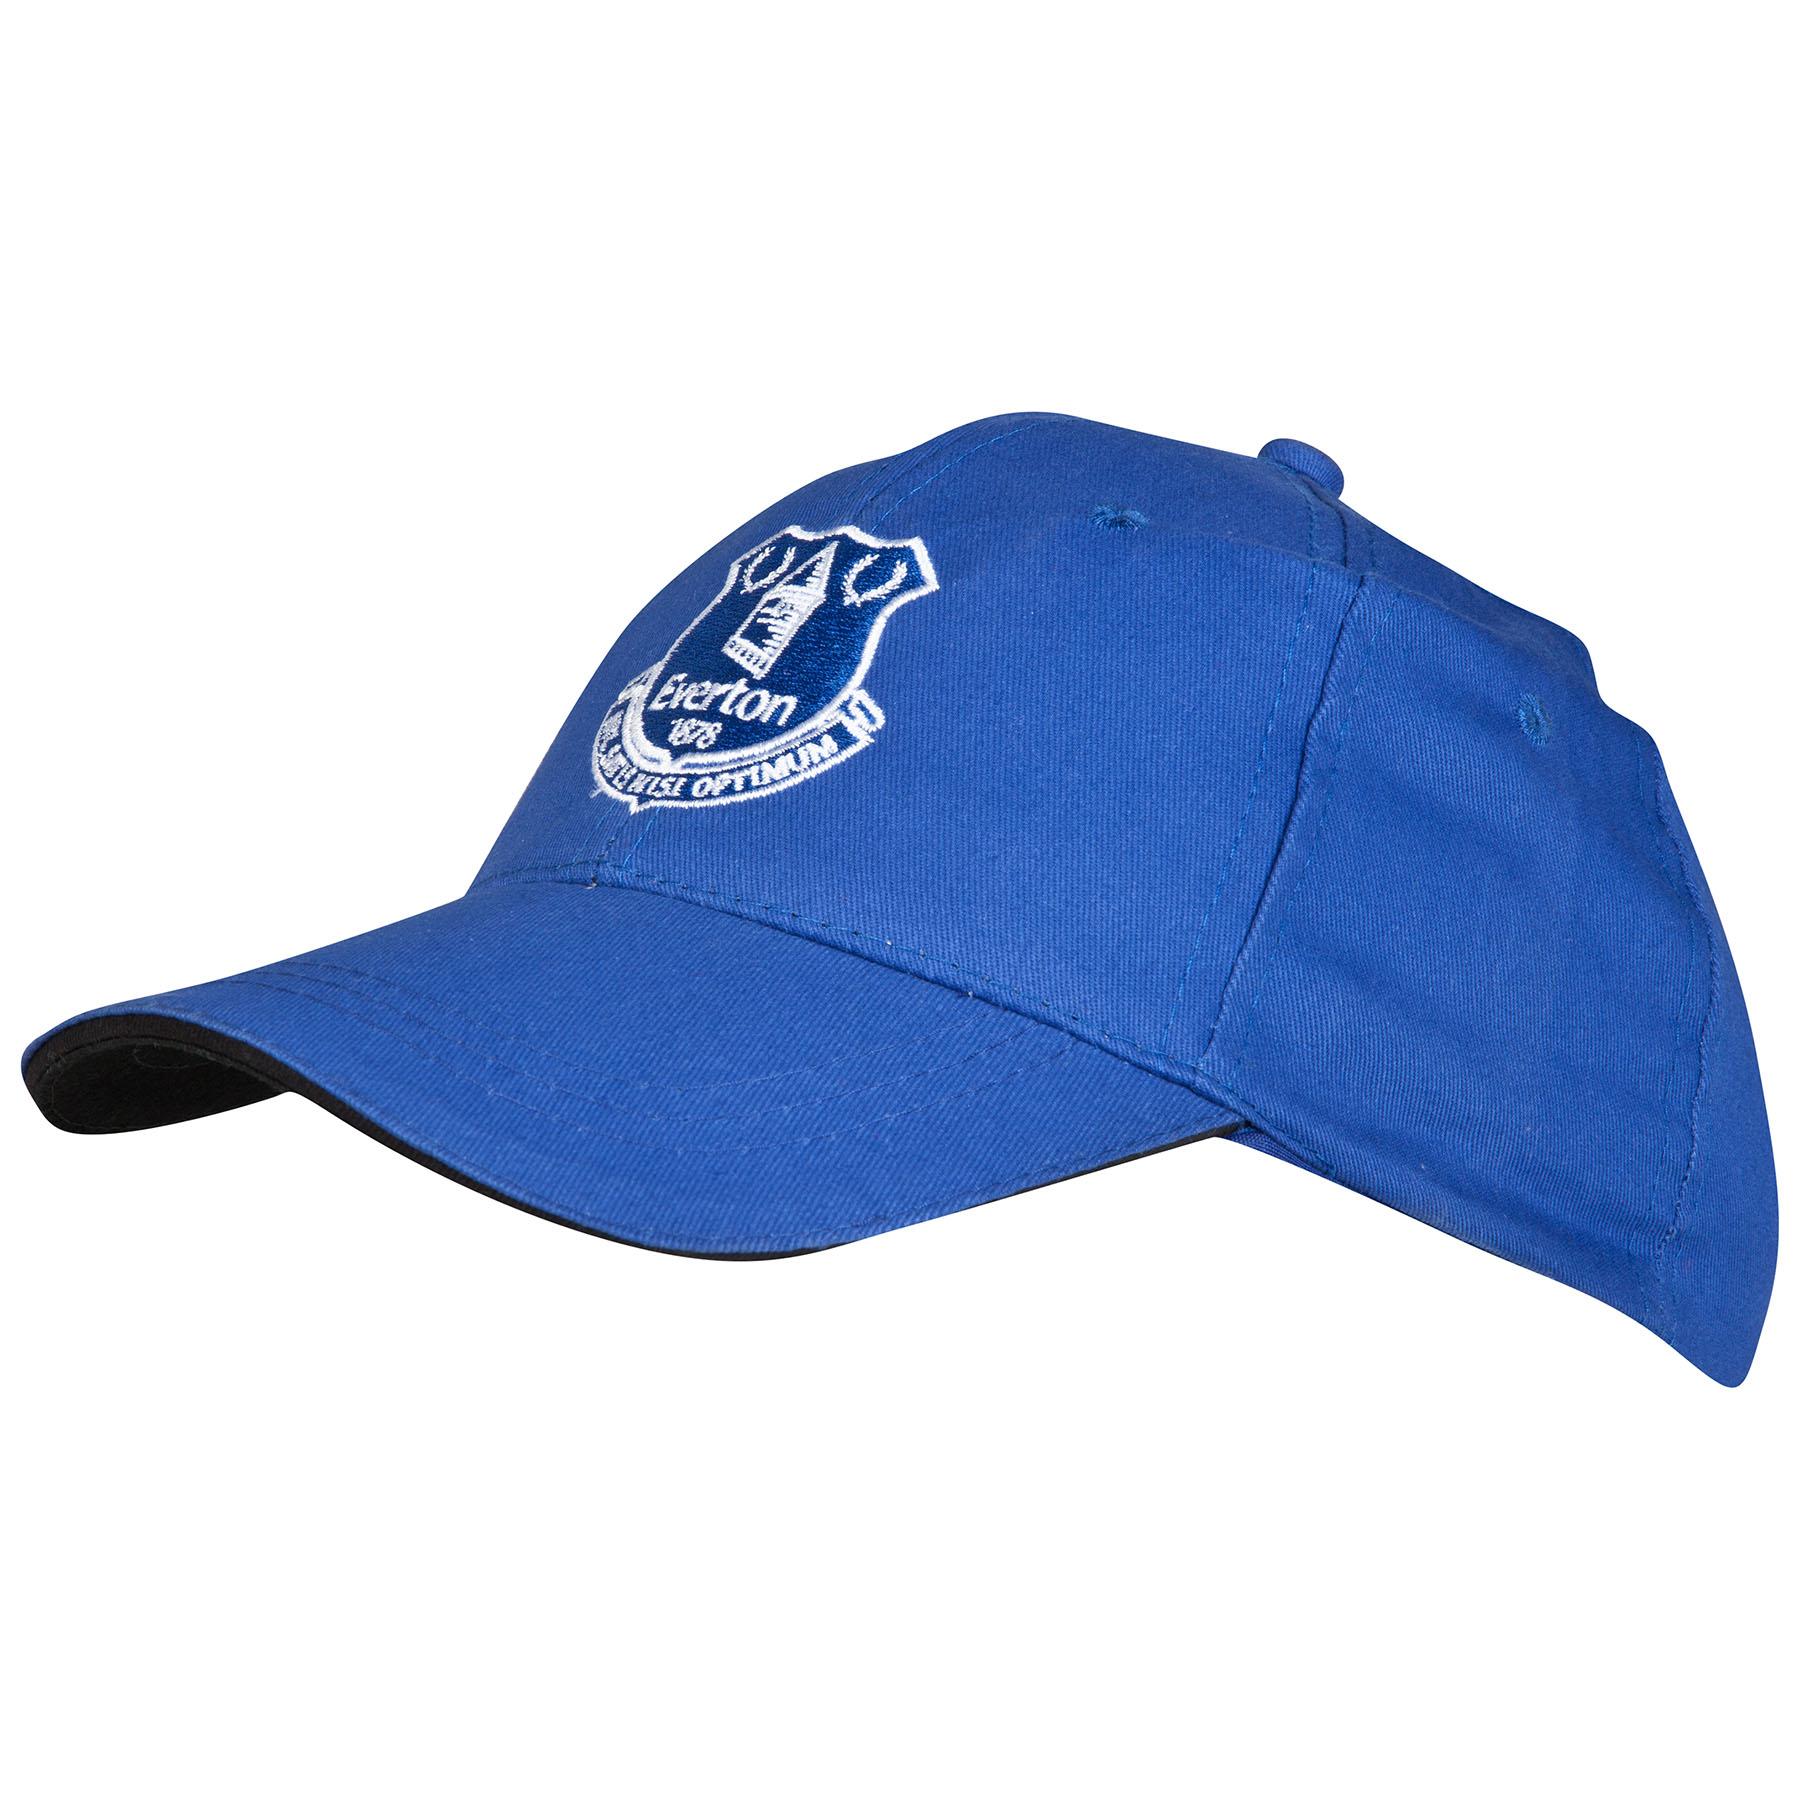 Everton Core Cap Royal Blue